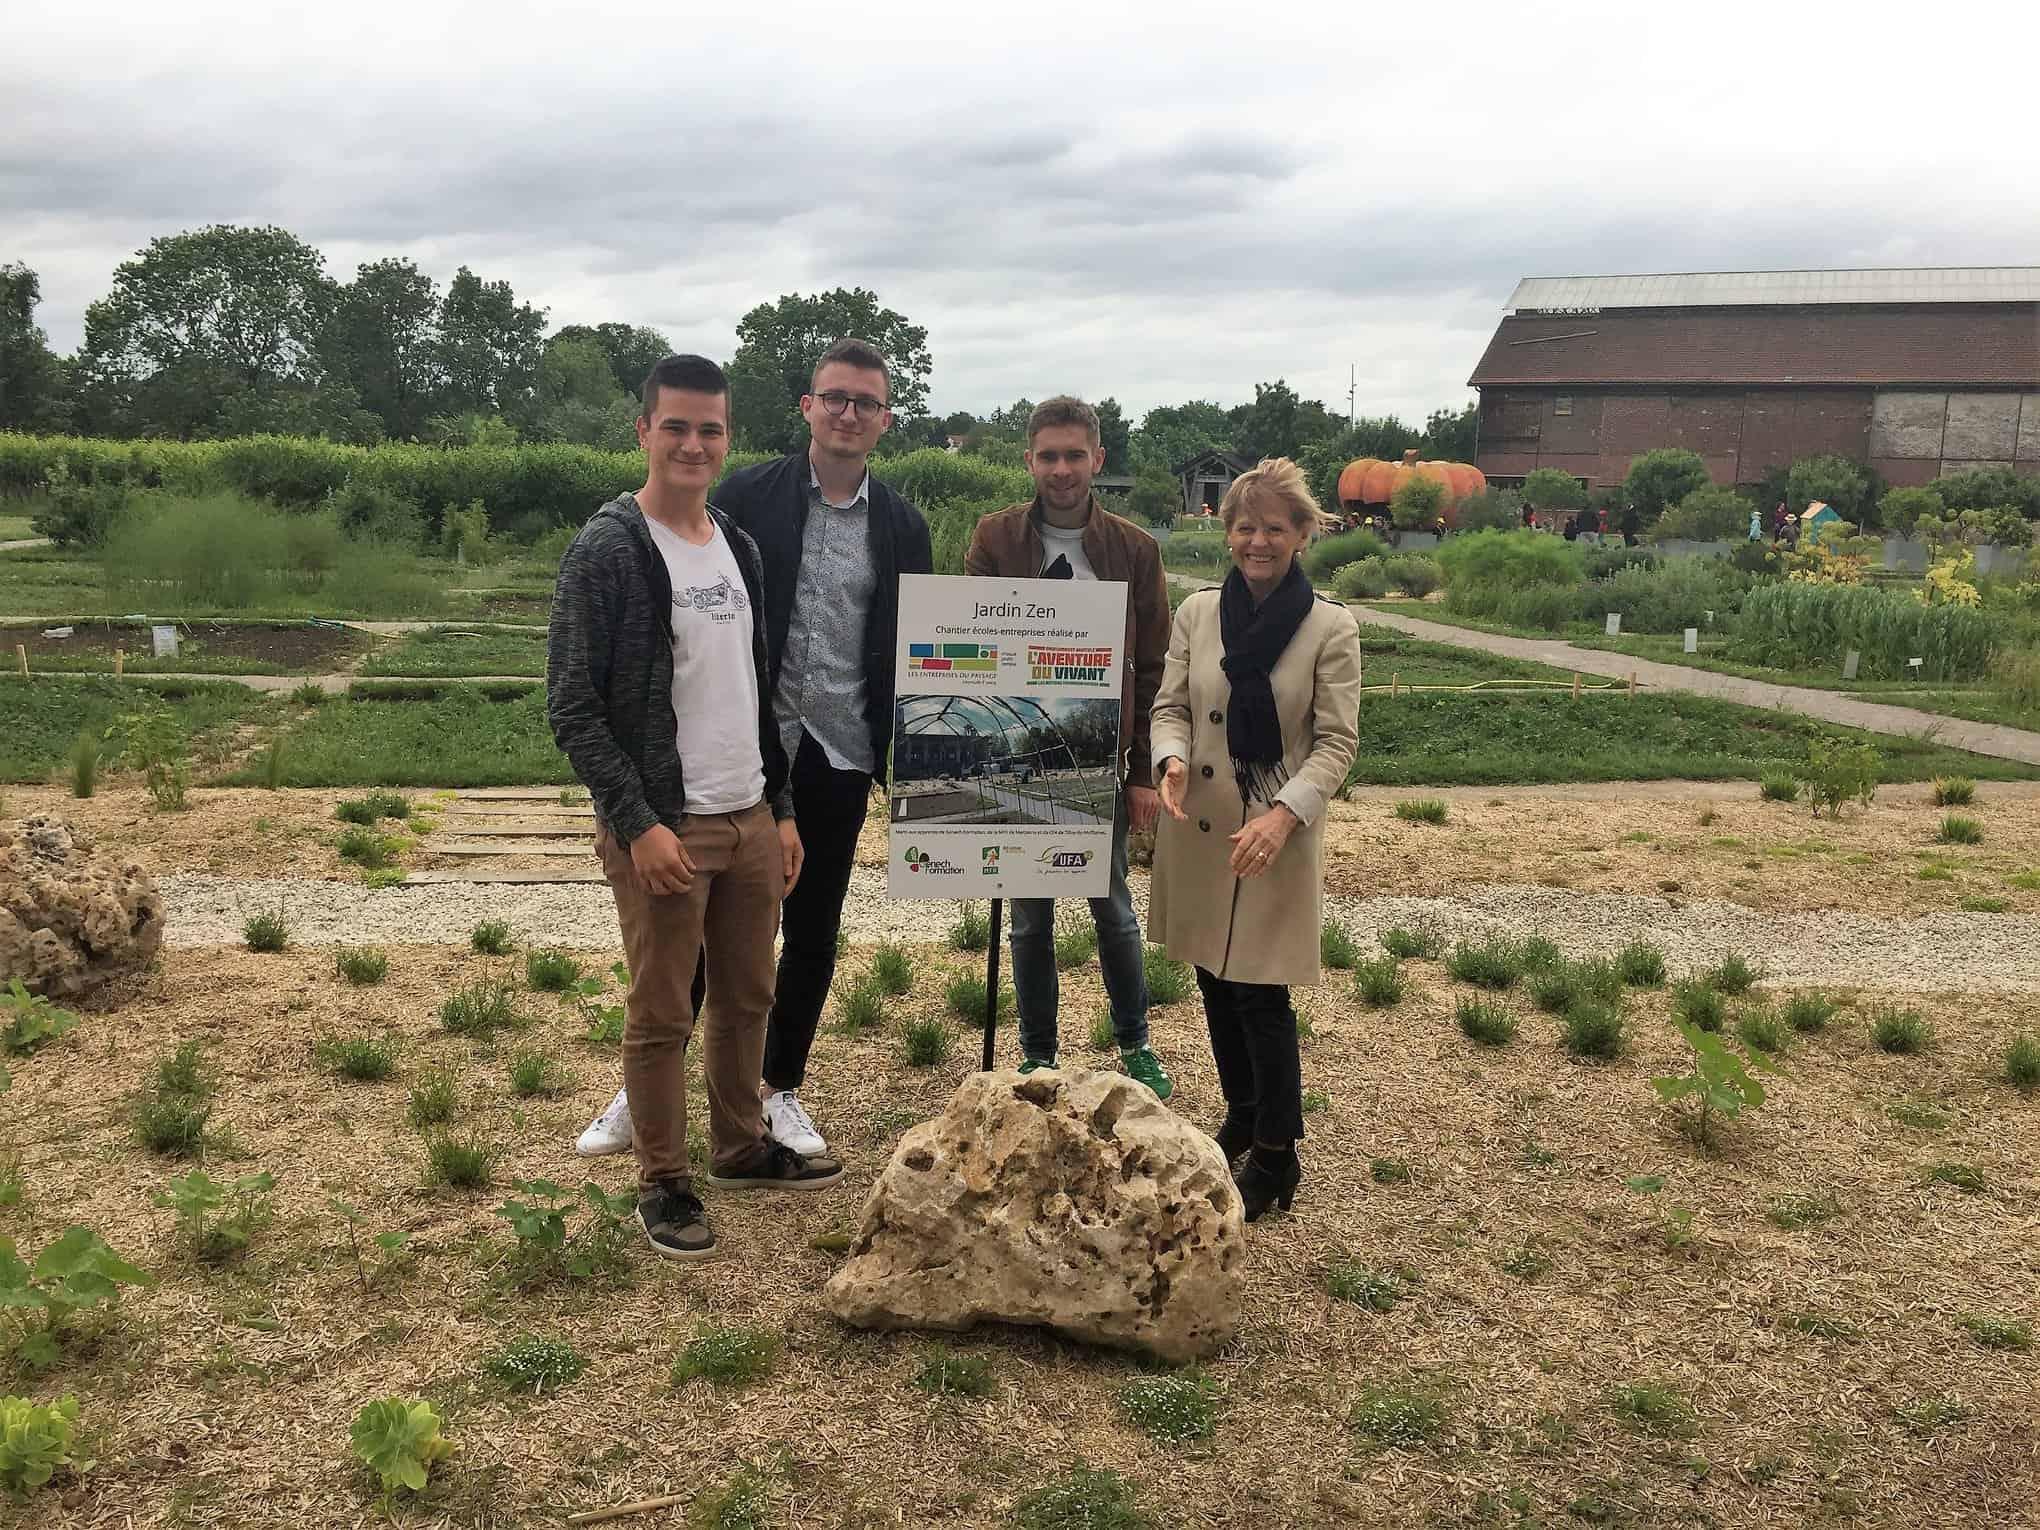 Pose de la plaque inaugurale par les apprentis et Evelyne Beaumont, Présidente de Cité Nature